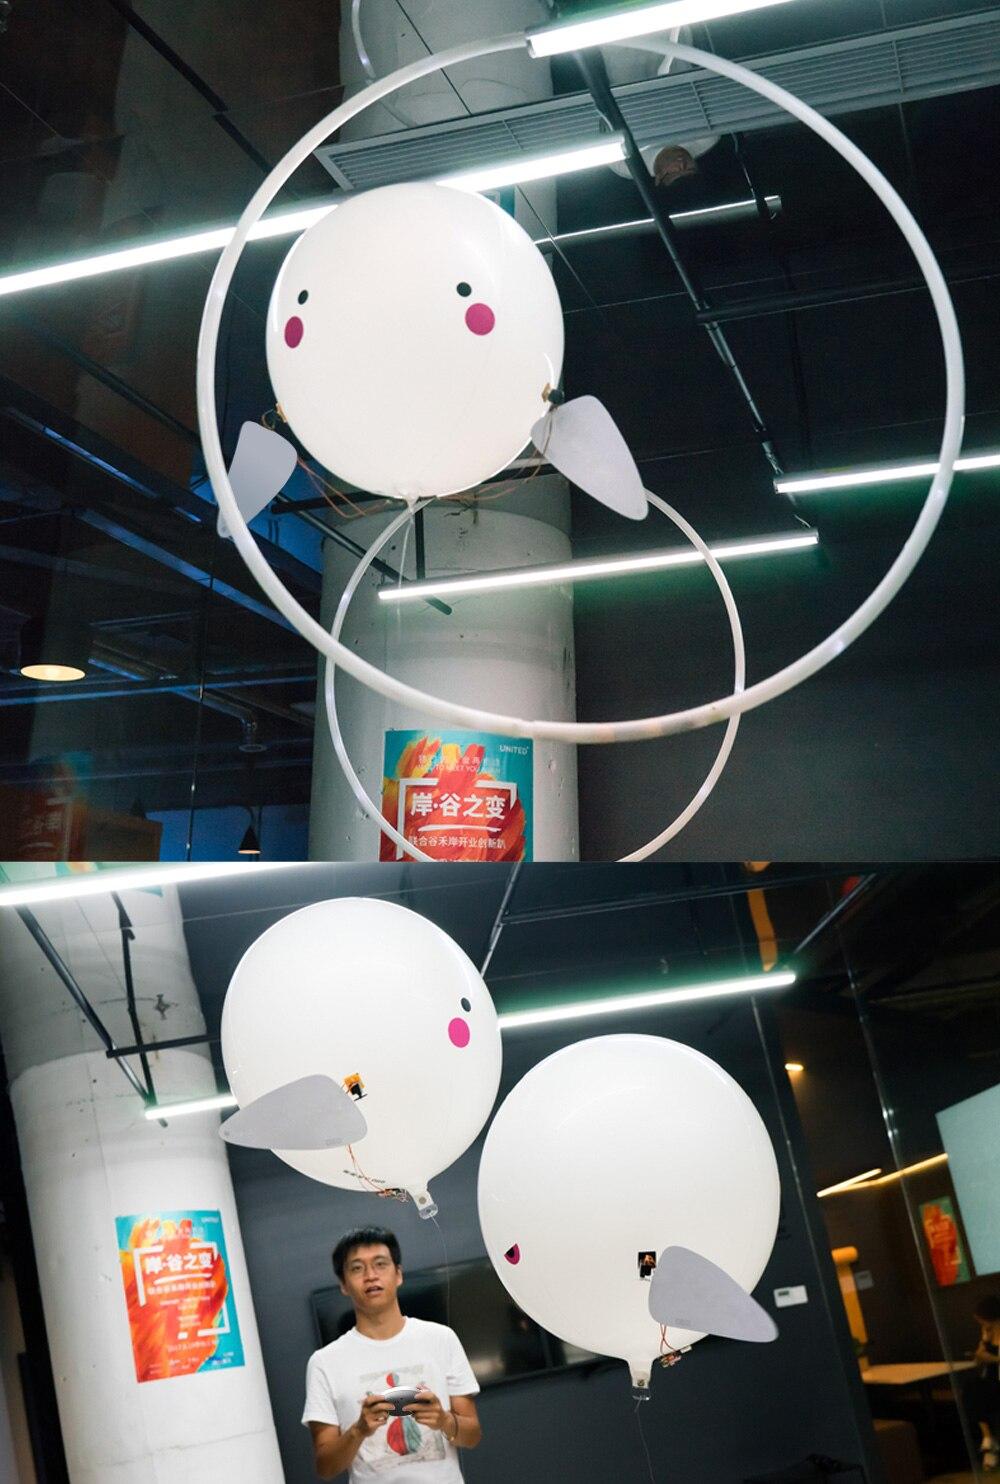 Control remoto juguetes aire pez nadando infrarrojos RC globos de aire Nemo peces payaso juguetes para niños regalos del partido Decoración